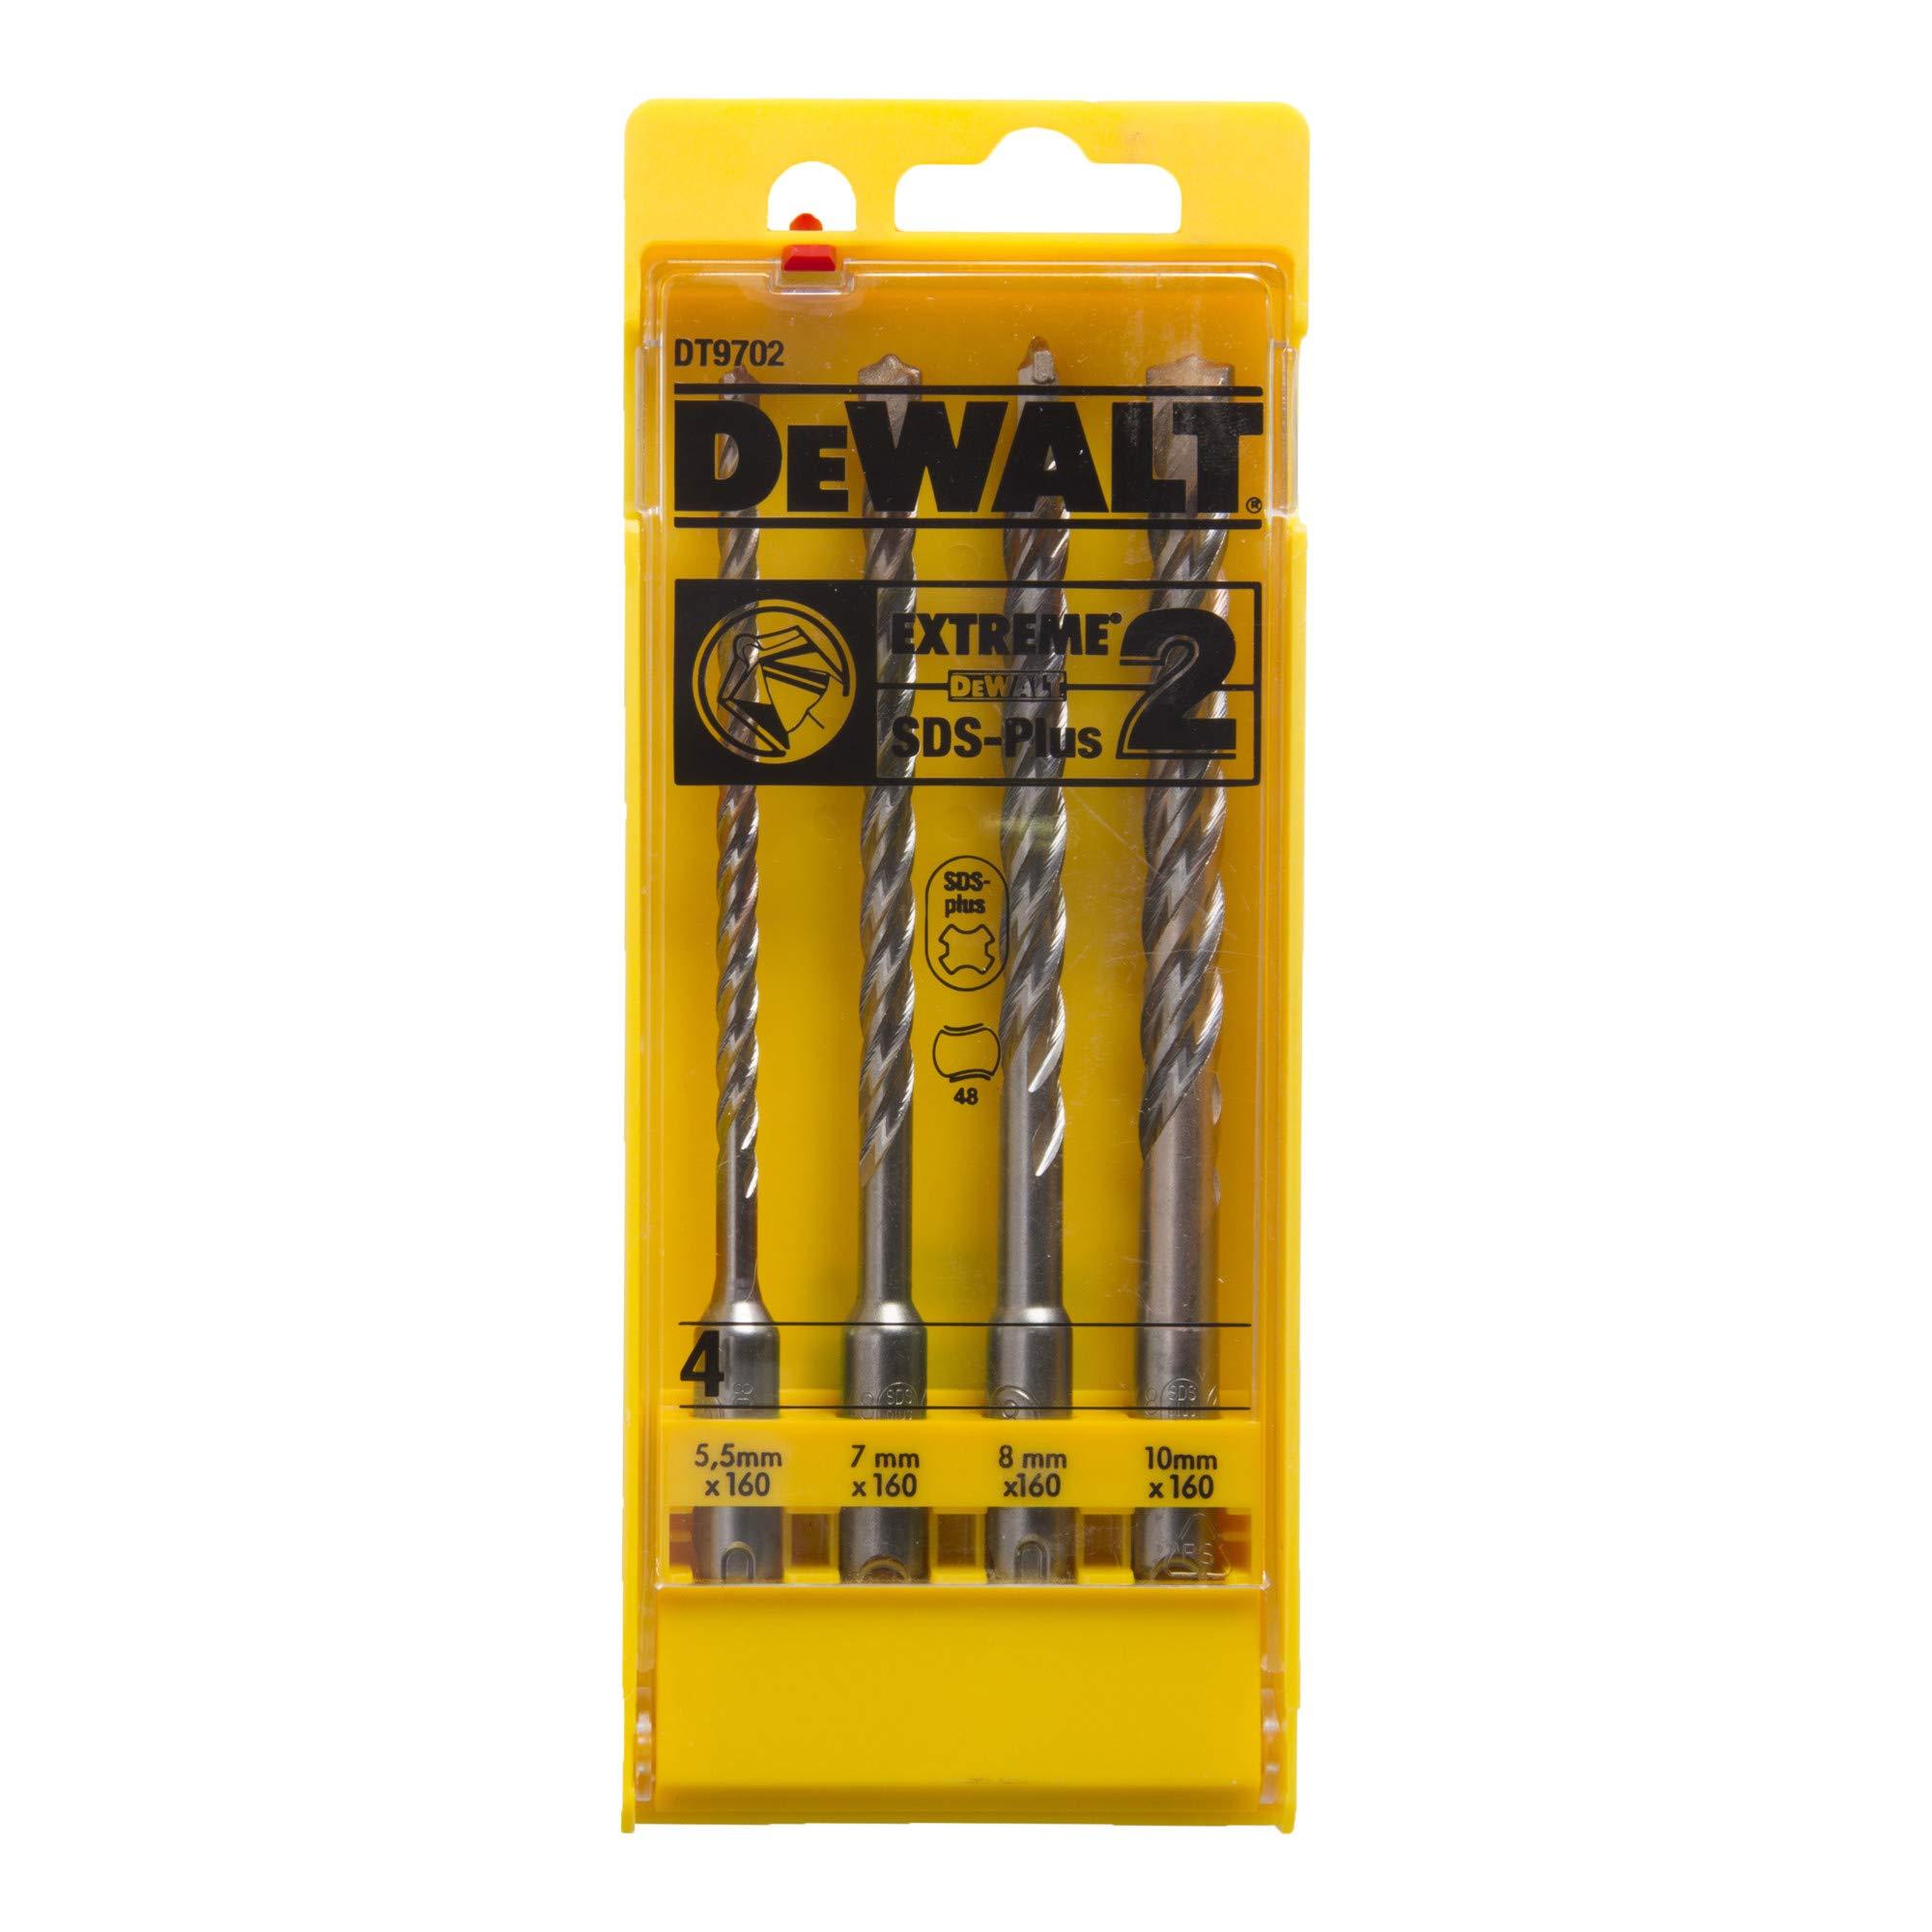 DEWALT DT9602 EXTREME 2 SDS Plus Maçonnerie Drill Bit 22 mm x 250 mm